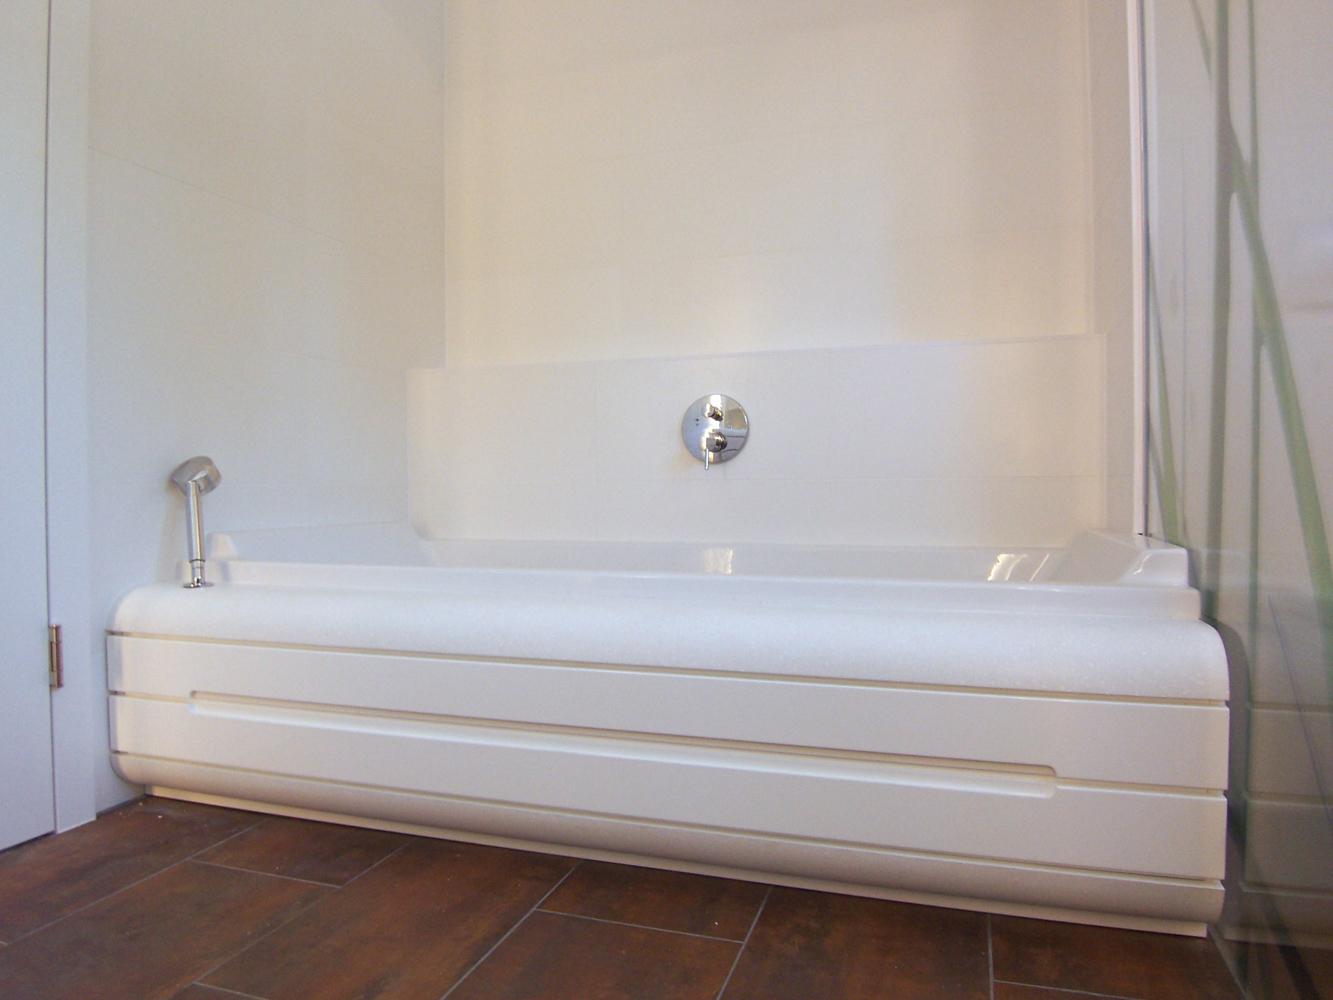 Bild des Bades mit integriertem Möbeldesign (Badewanne & Dusche) von einem Einfamilienhaus das von Architekten geplant wurde